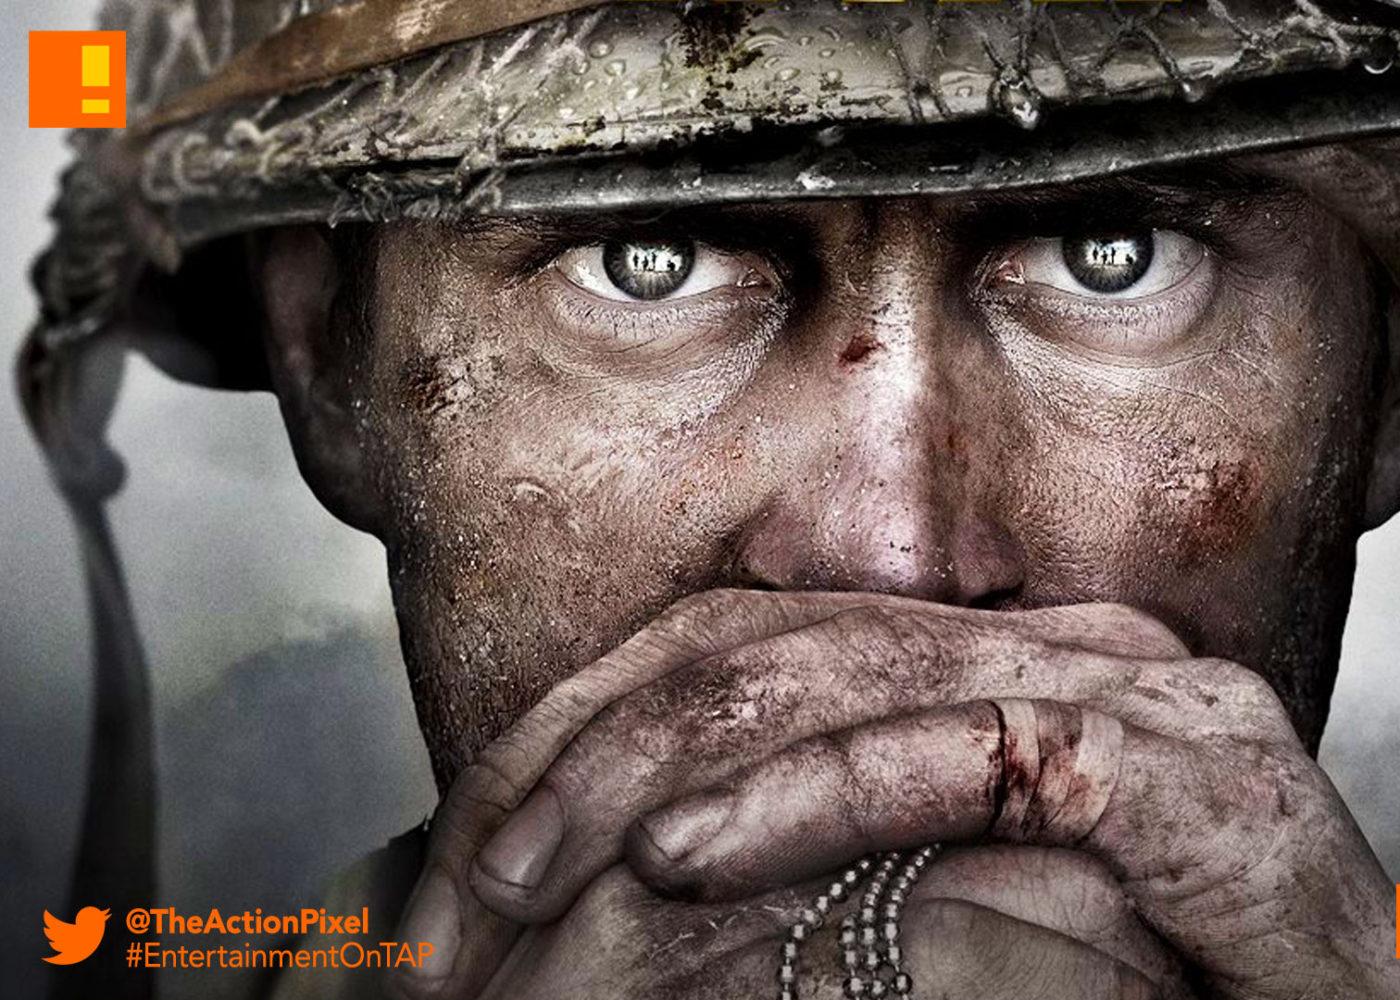 cod, ww2, call of duty, call of duty ww2, world war 2, trailer, reveal trailer,